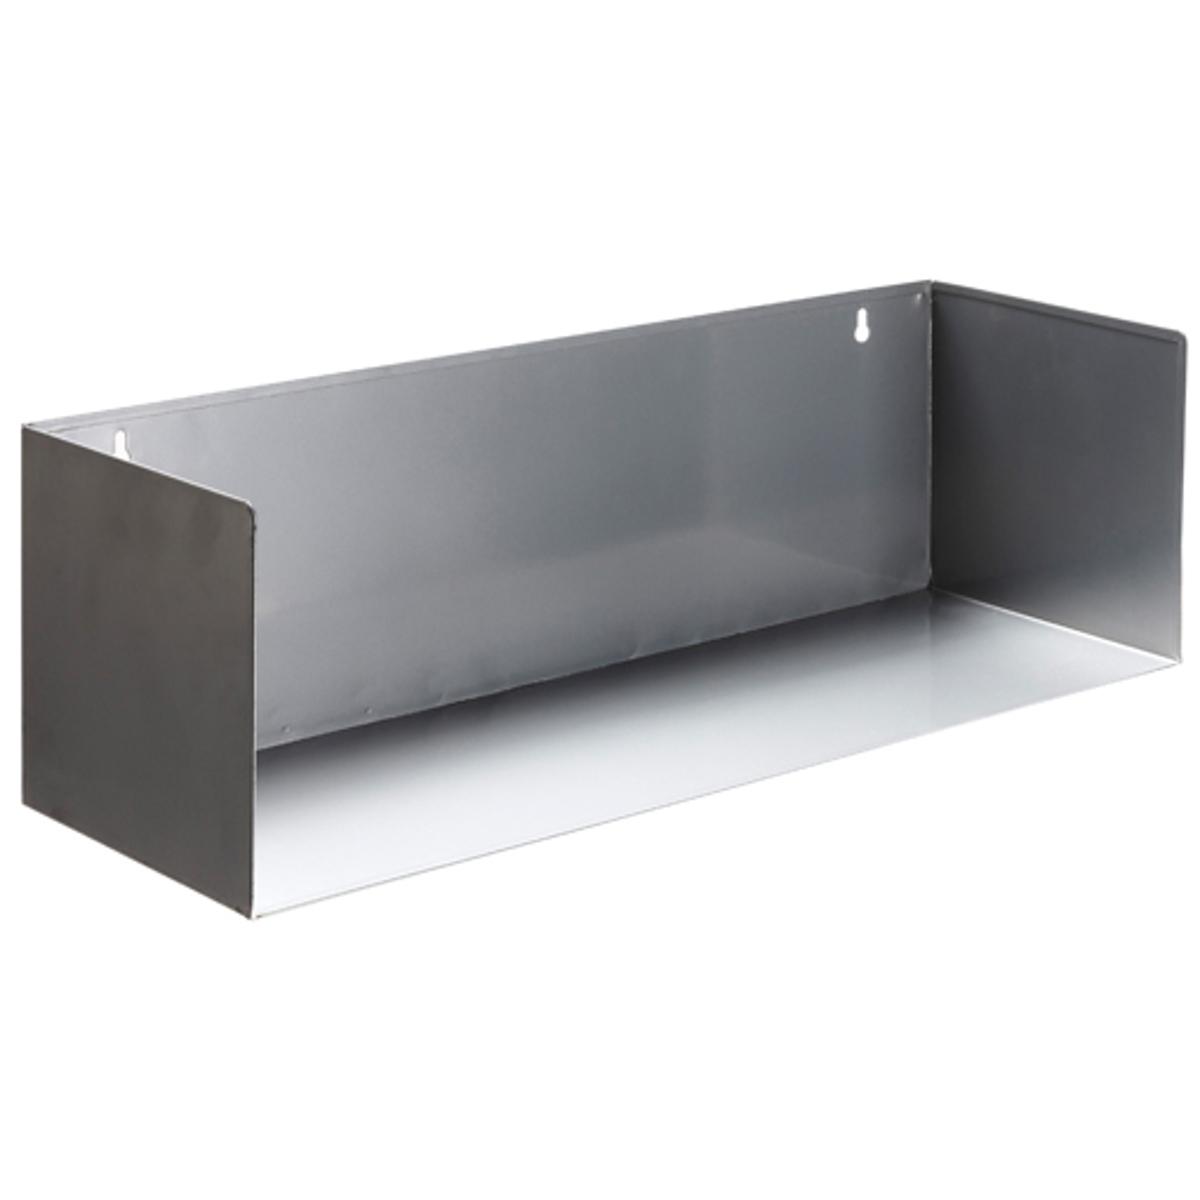 Полка настенная прямоугольная  (комплект из  2) ToranaГальванизированный металл- необработанный или с эпоксидным покрытием .Размеры. : 58 x 18 x 18 см . Выдерживает вес до  7 кг .<br><br>Цвет: серый